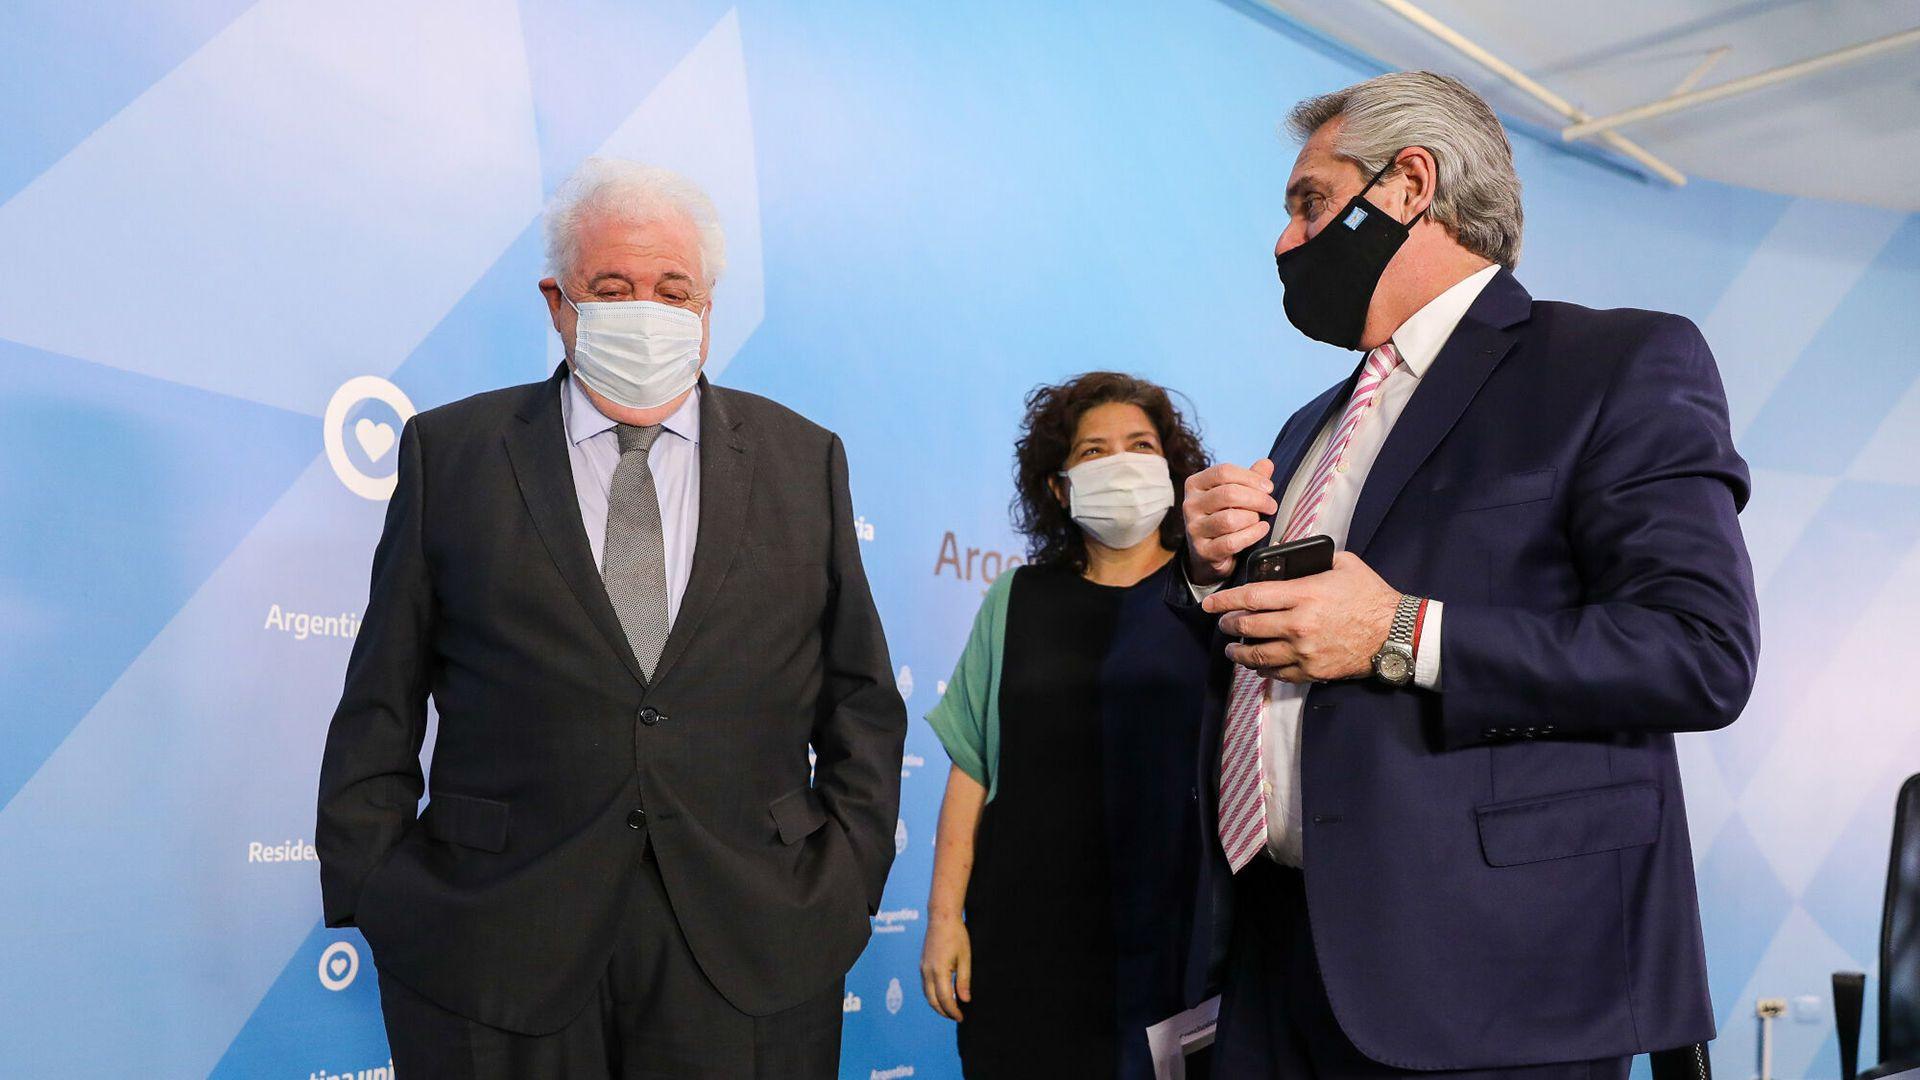 El presidente Alberto Fernandez junto al ministro Gines Gonzalez Garcia y la secretaria Carla Vizzotti